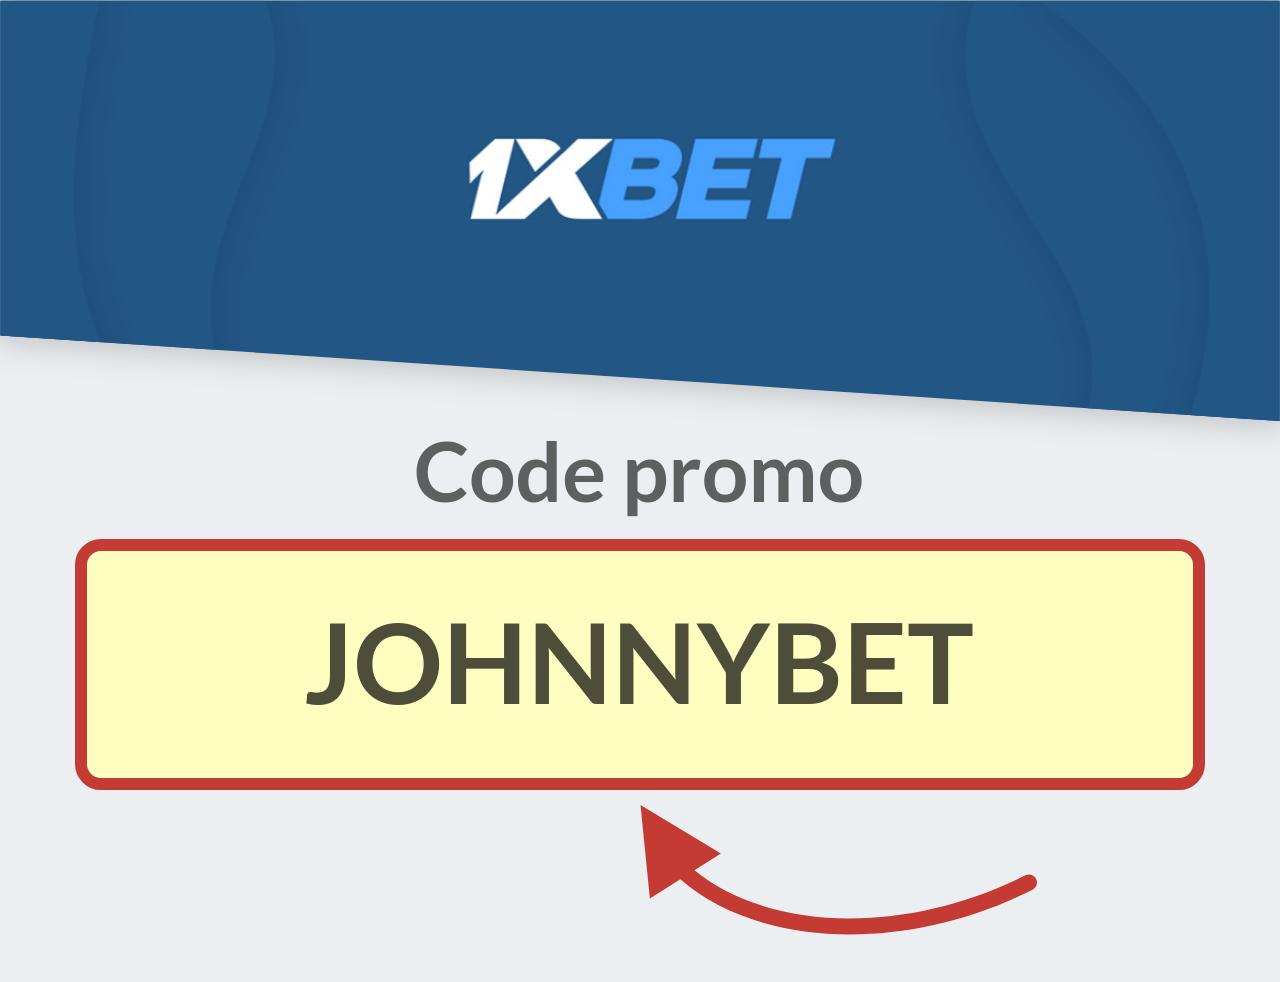 Code Promo 1XBET